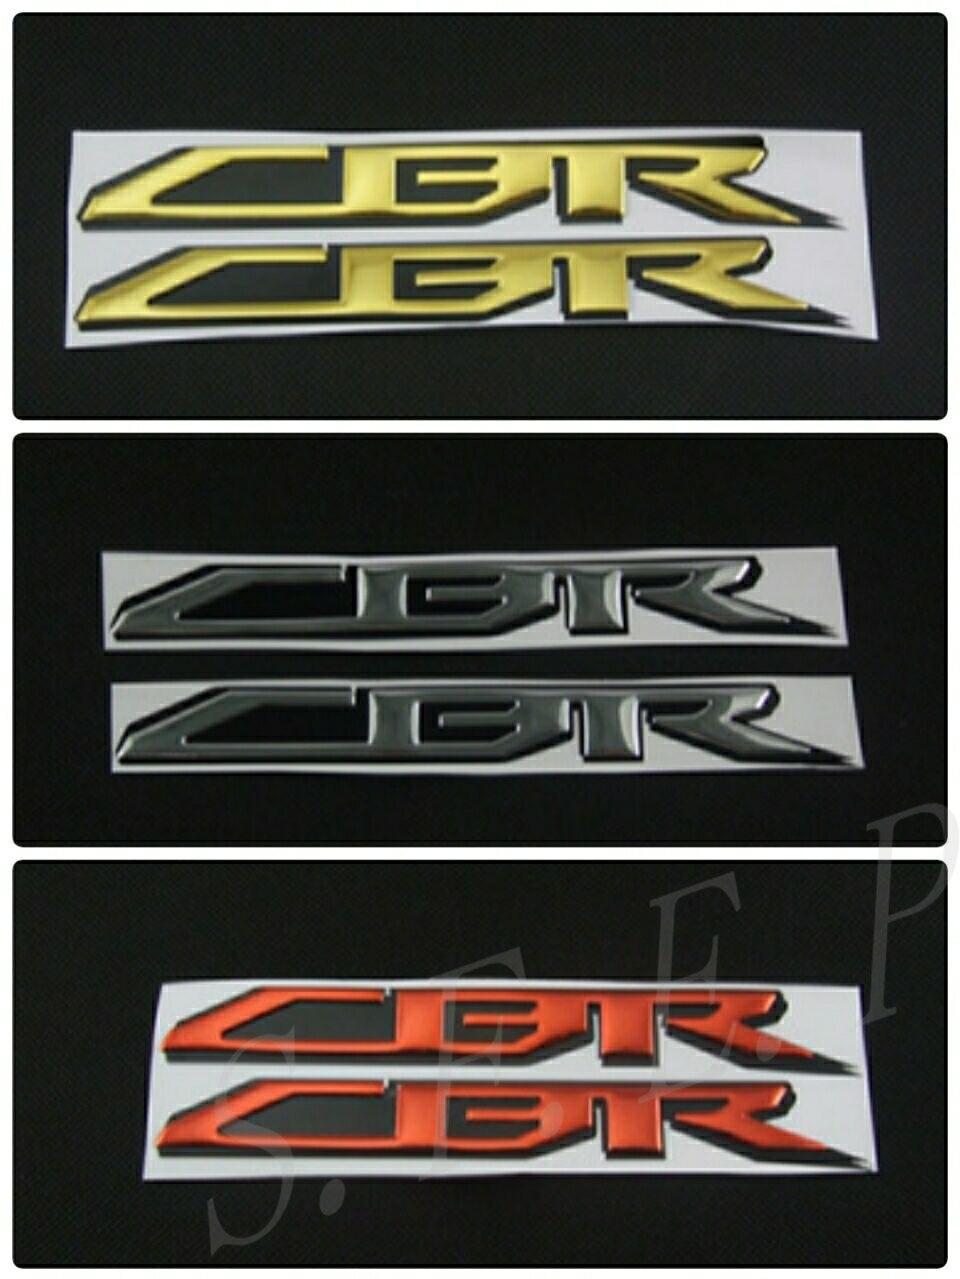 Emblema de la motocicleta etiqueta 3D del tanque de la rueda del logotipo para Honda CBR1000RR CBR600RR CBR650F CBR500R CBR300R CBR250R CBR954RR etiqueta engomada